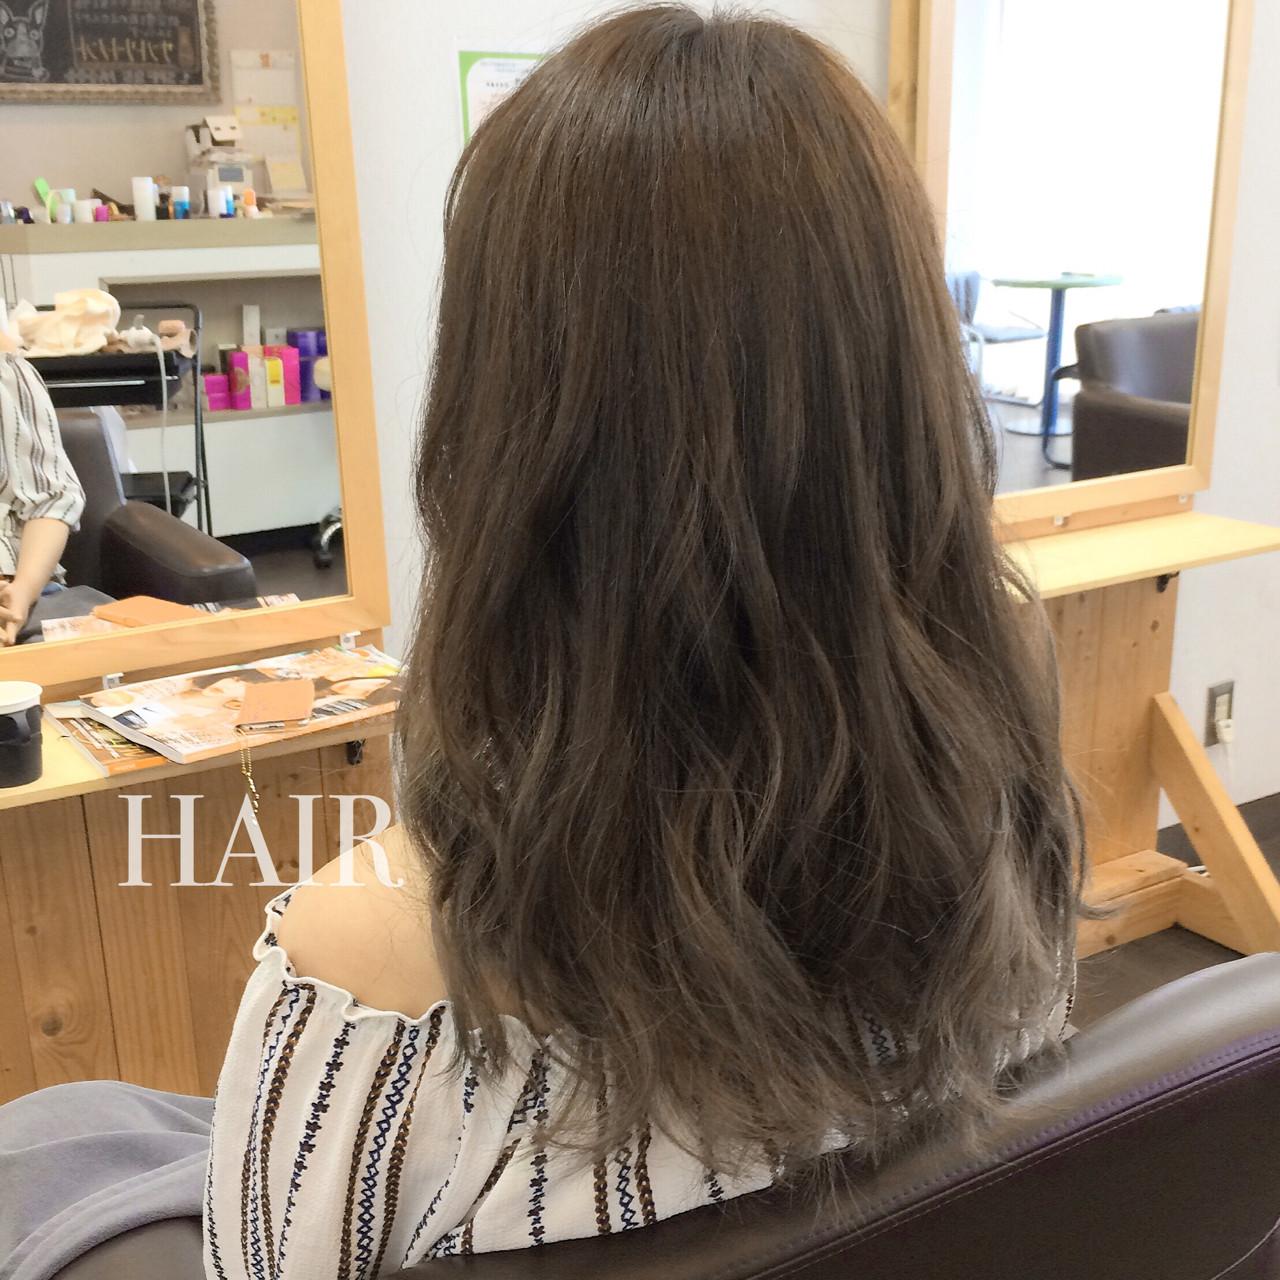 アッシュ 外国人風 ハイライト グラデーションカラー ヘアスタイルや髪型の写真・画像